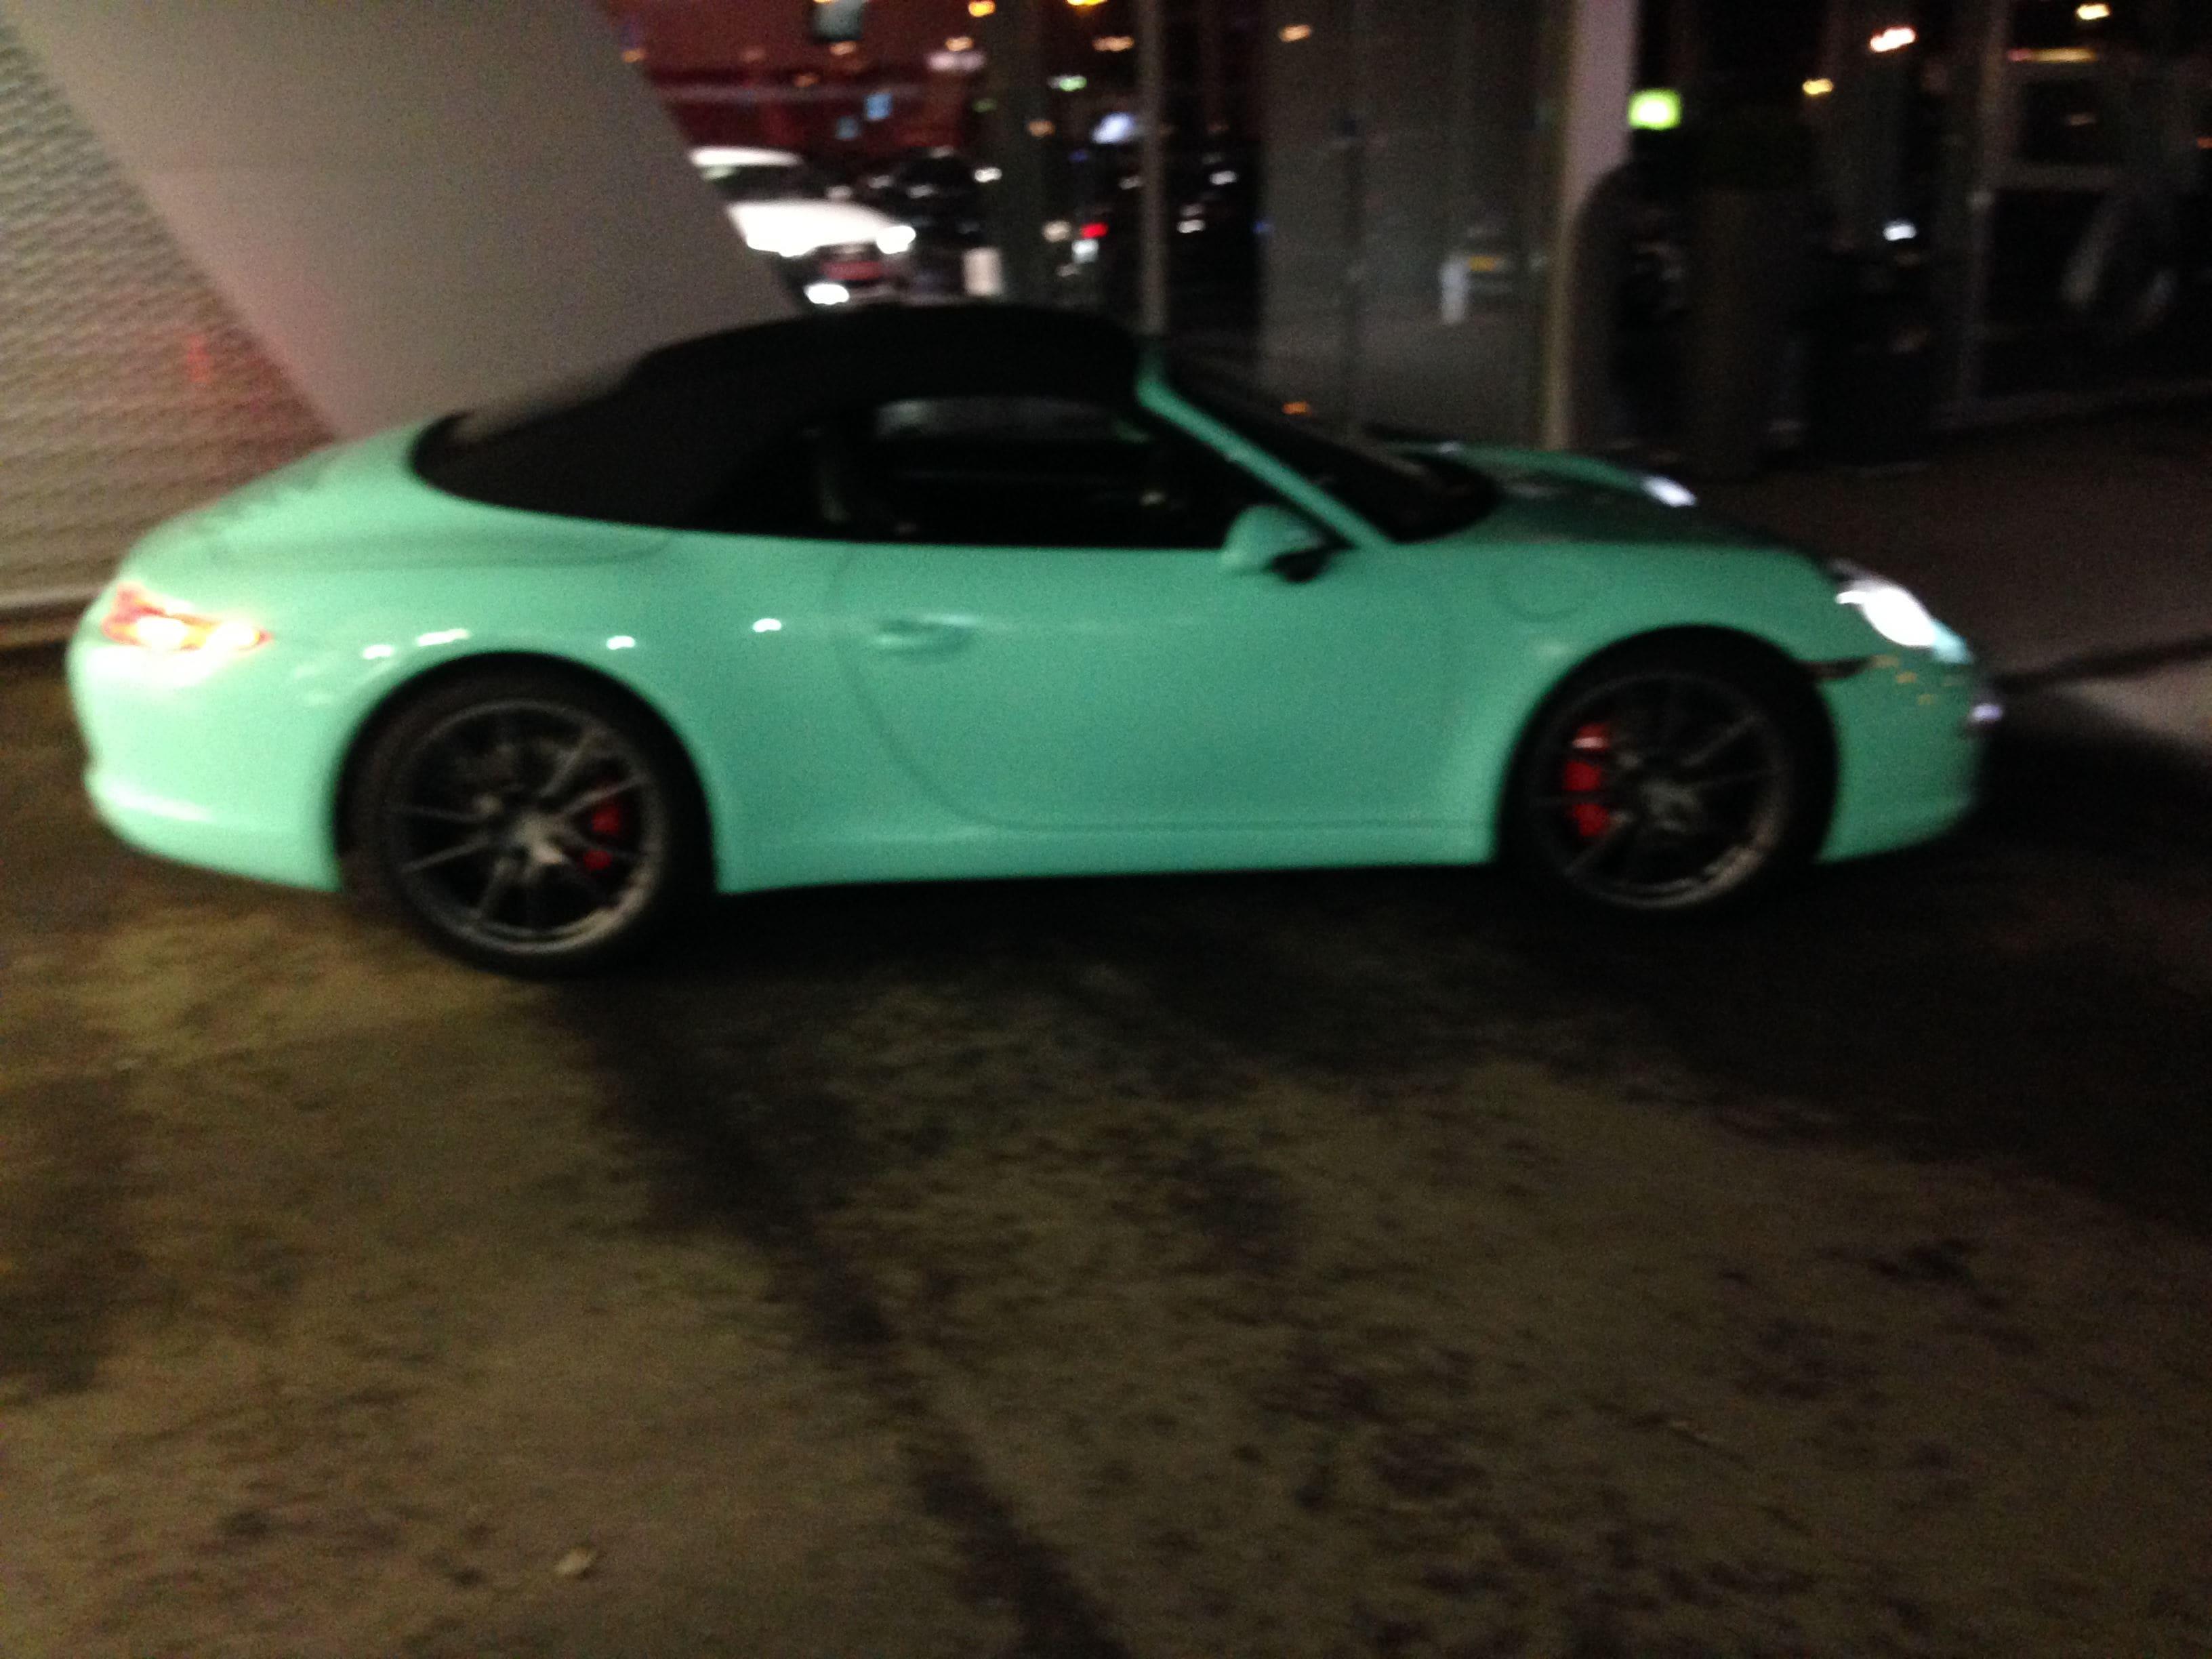 Porsche Carrera Turbo S Cabrio met Mint Green Wrap, Carwrapping door Wrapmyride.nu Foto-nr:6743, ©2020